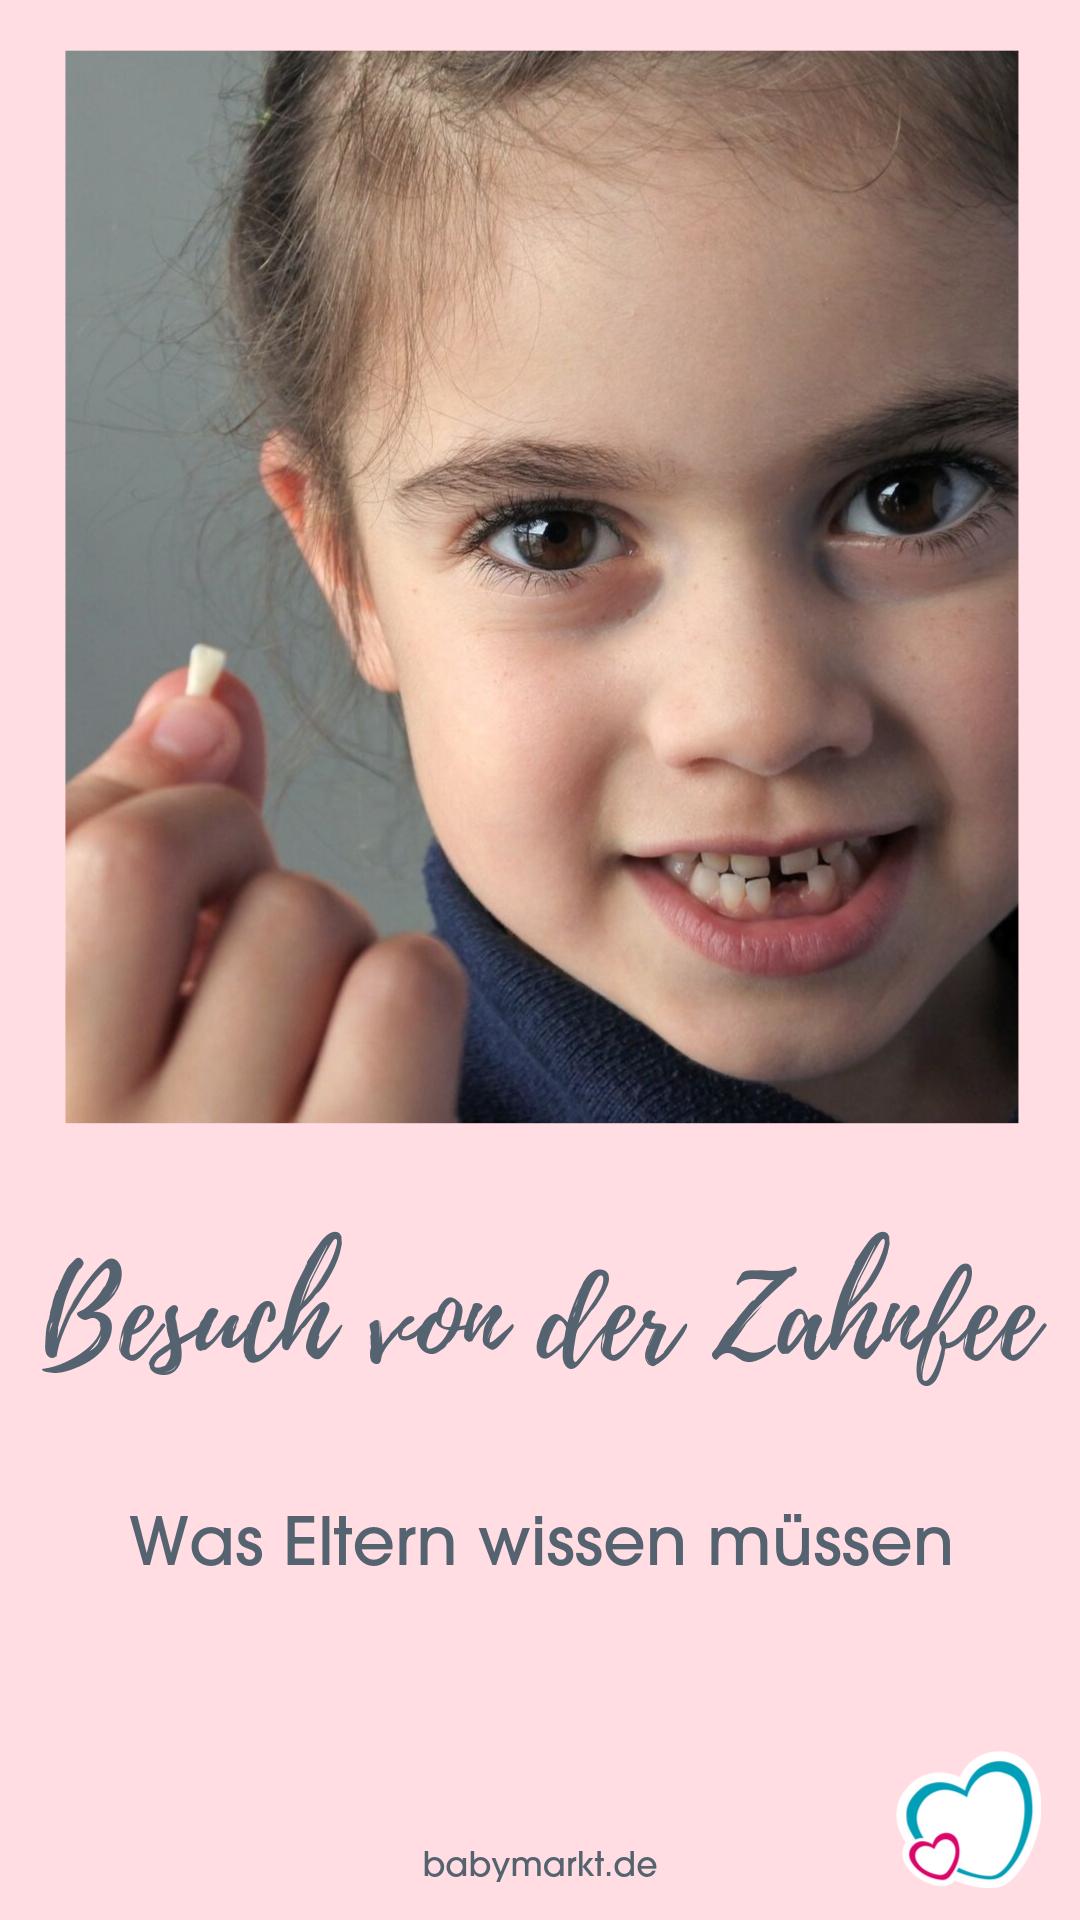 Besuch Von Der Zahnfee Was Eltern Wissen Mussen Zahnfee Zahne Kindererziehung